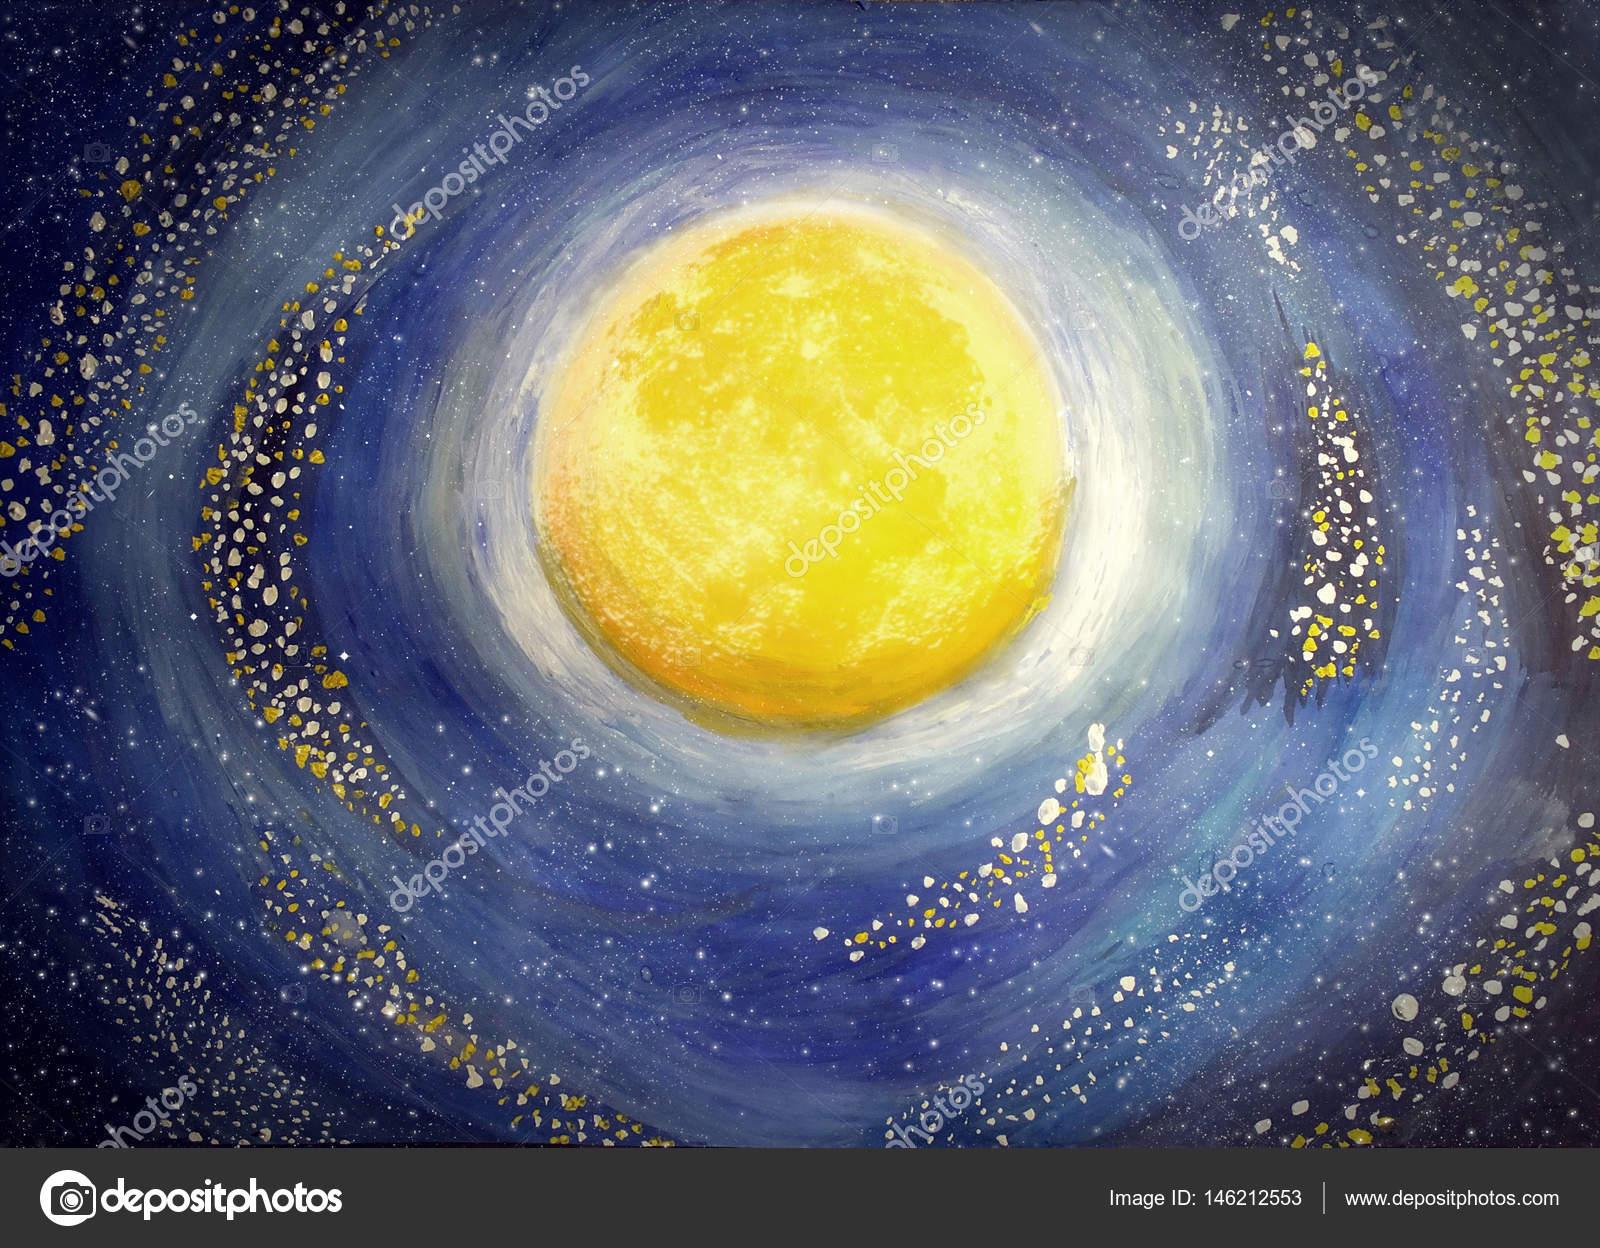 Imágenes Acuarela Cielo Nocturno Acuarela Y Gouache Ilustración